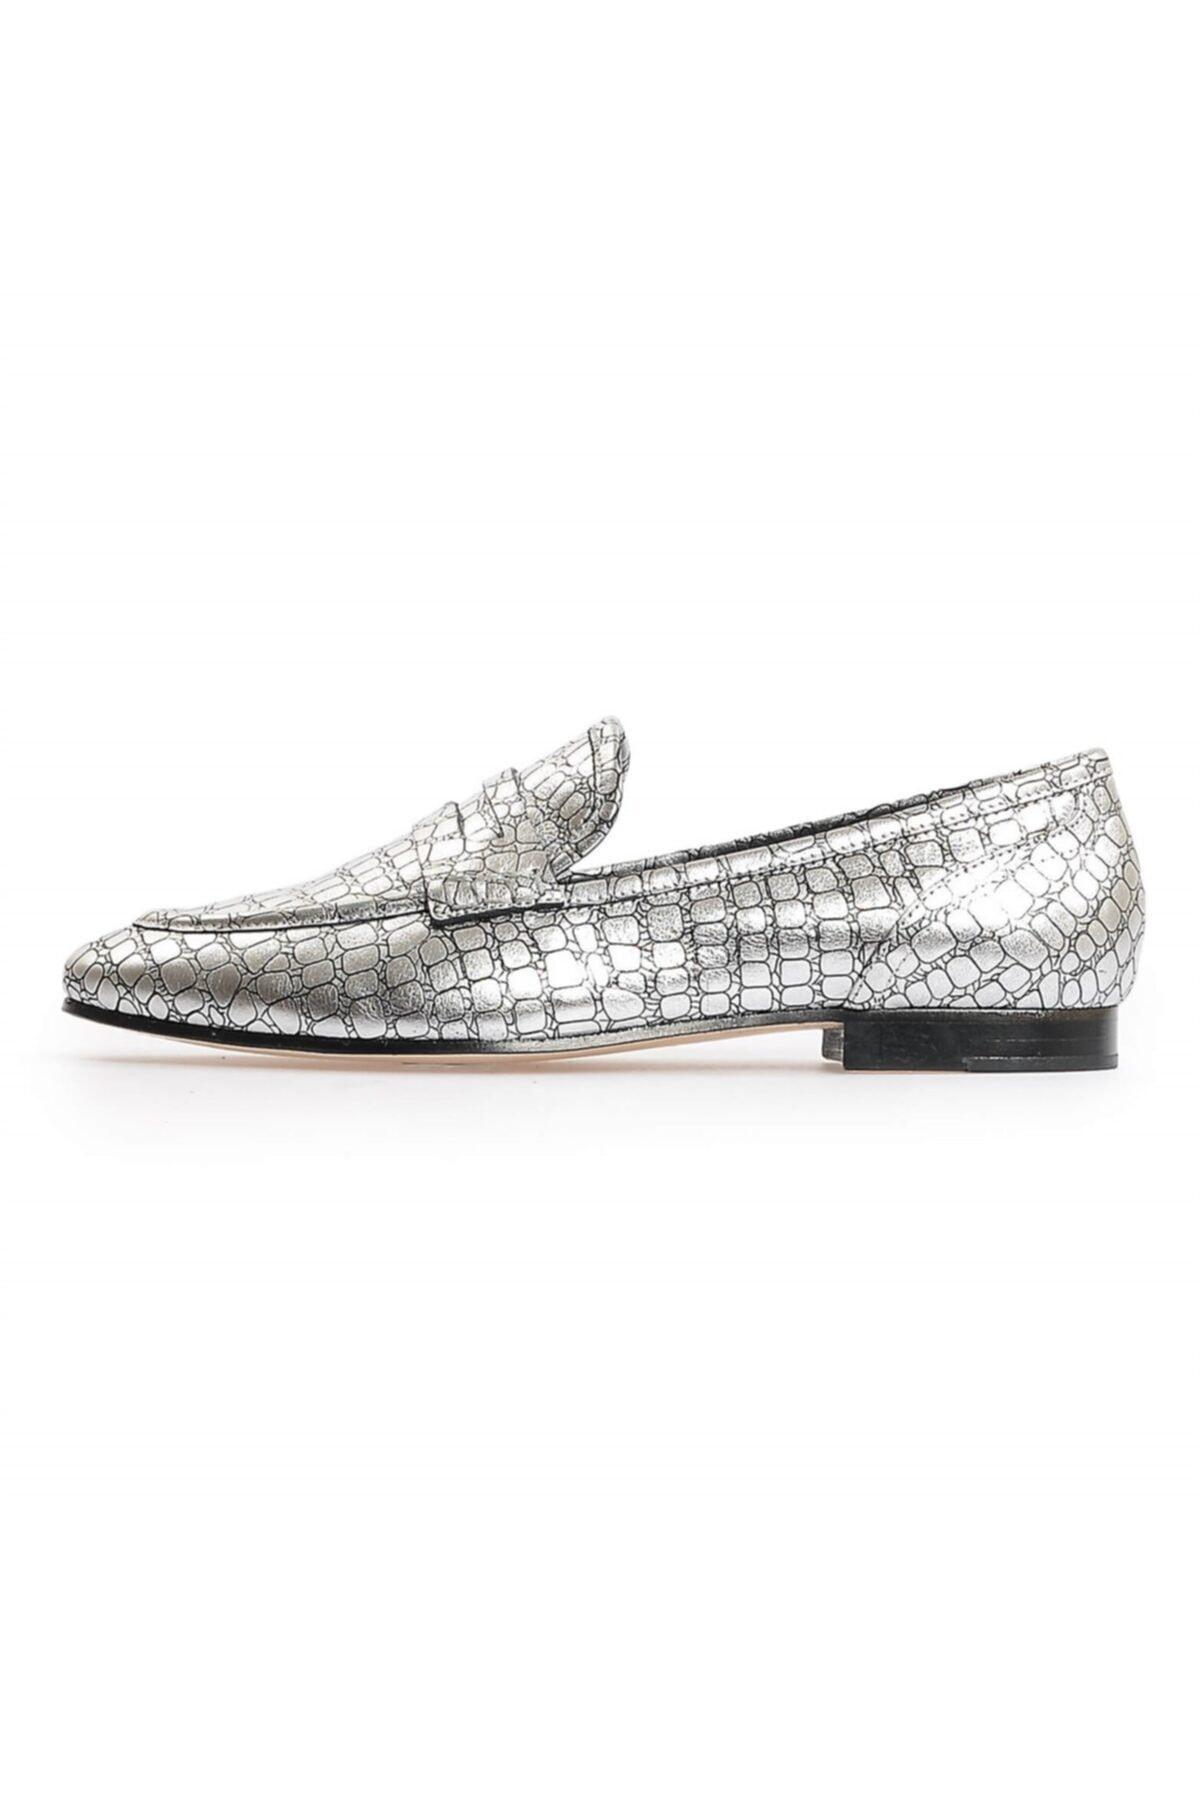 Flower Gümüş Kroko Deri Kadın Loafer Ayakkabı 1